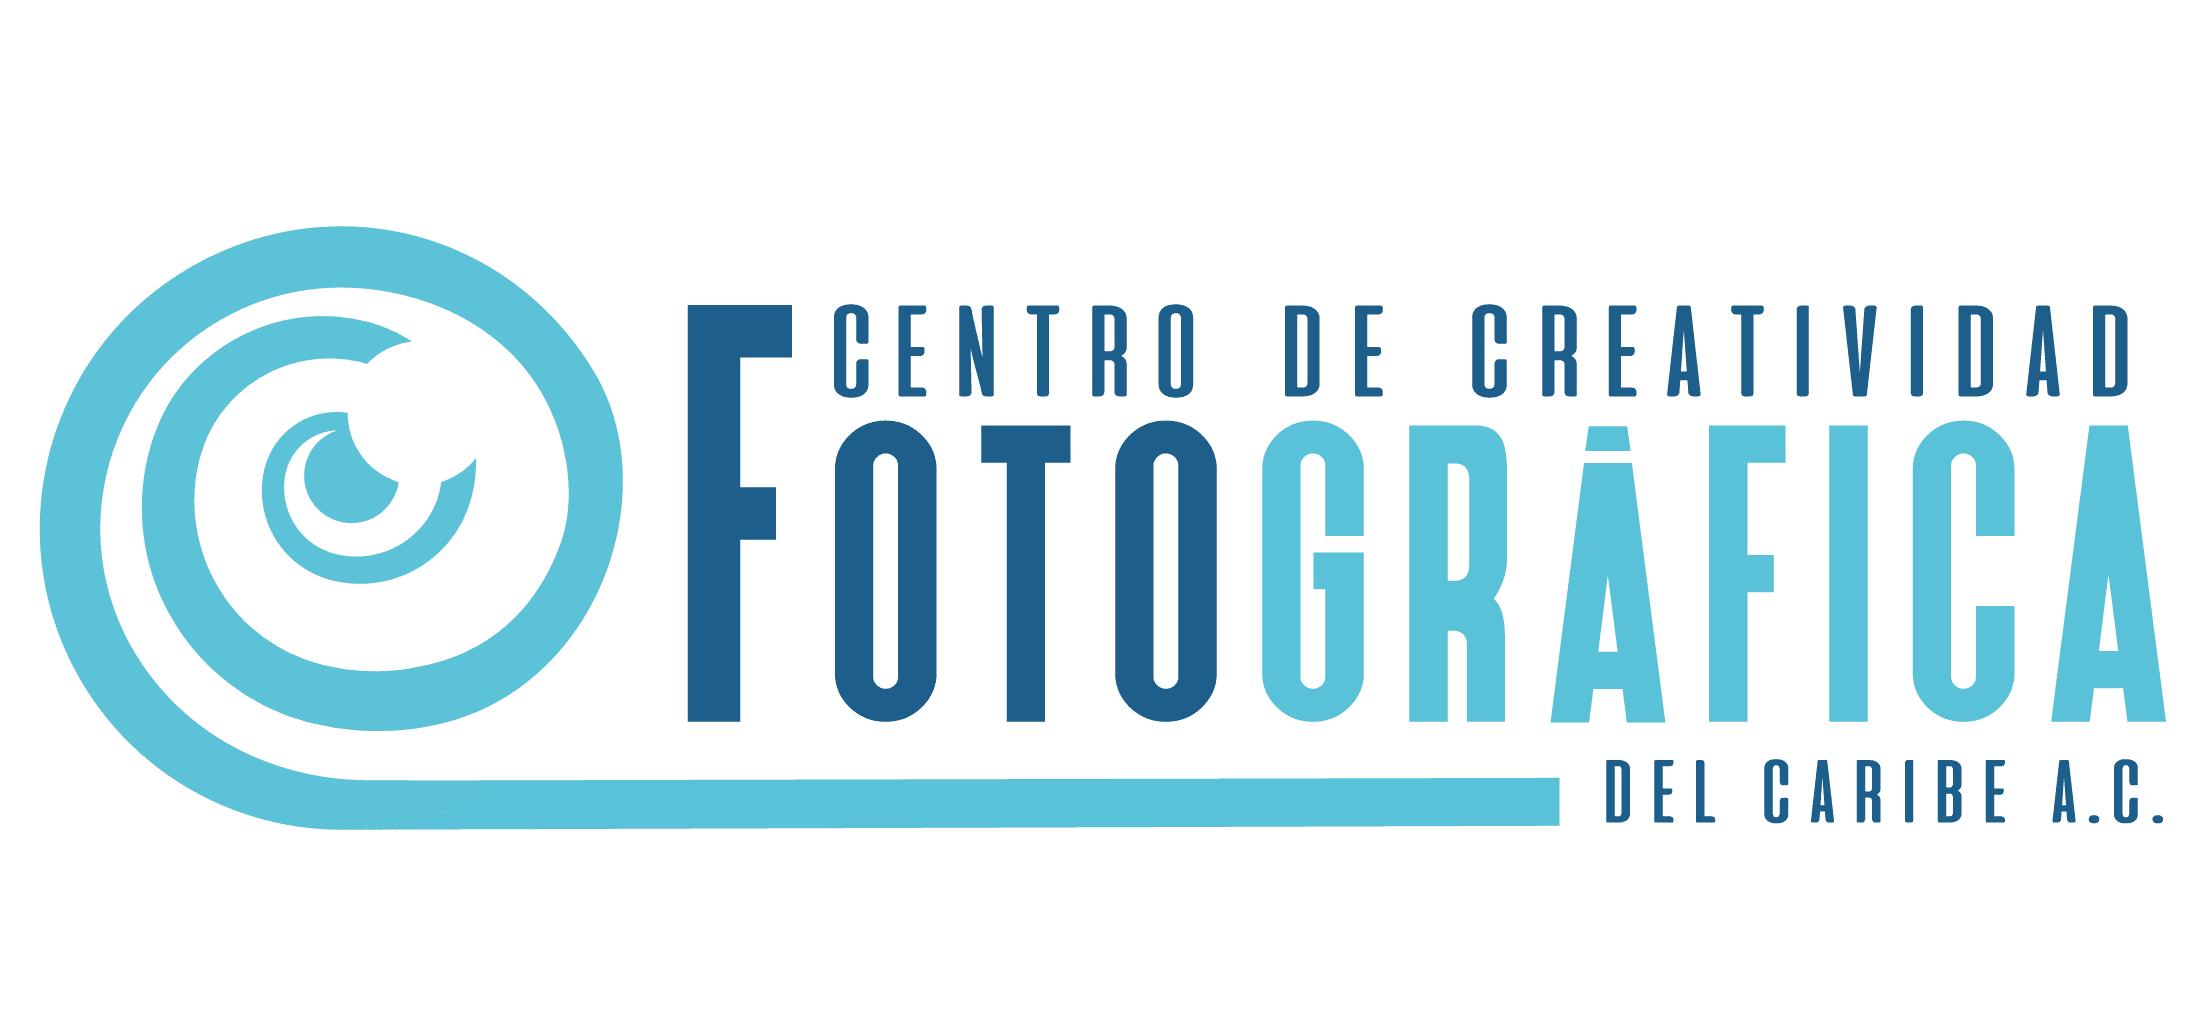 Centro de Creatividad Fotográfica del Caribe